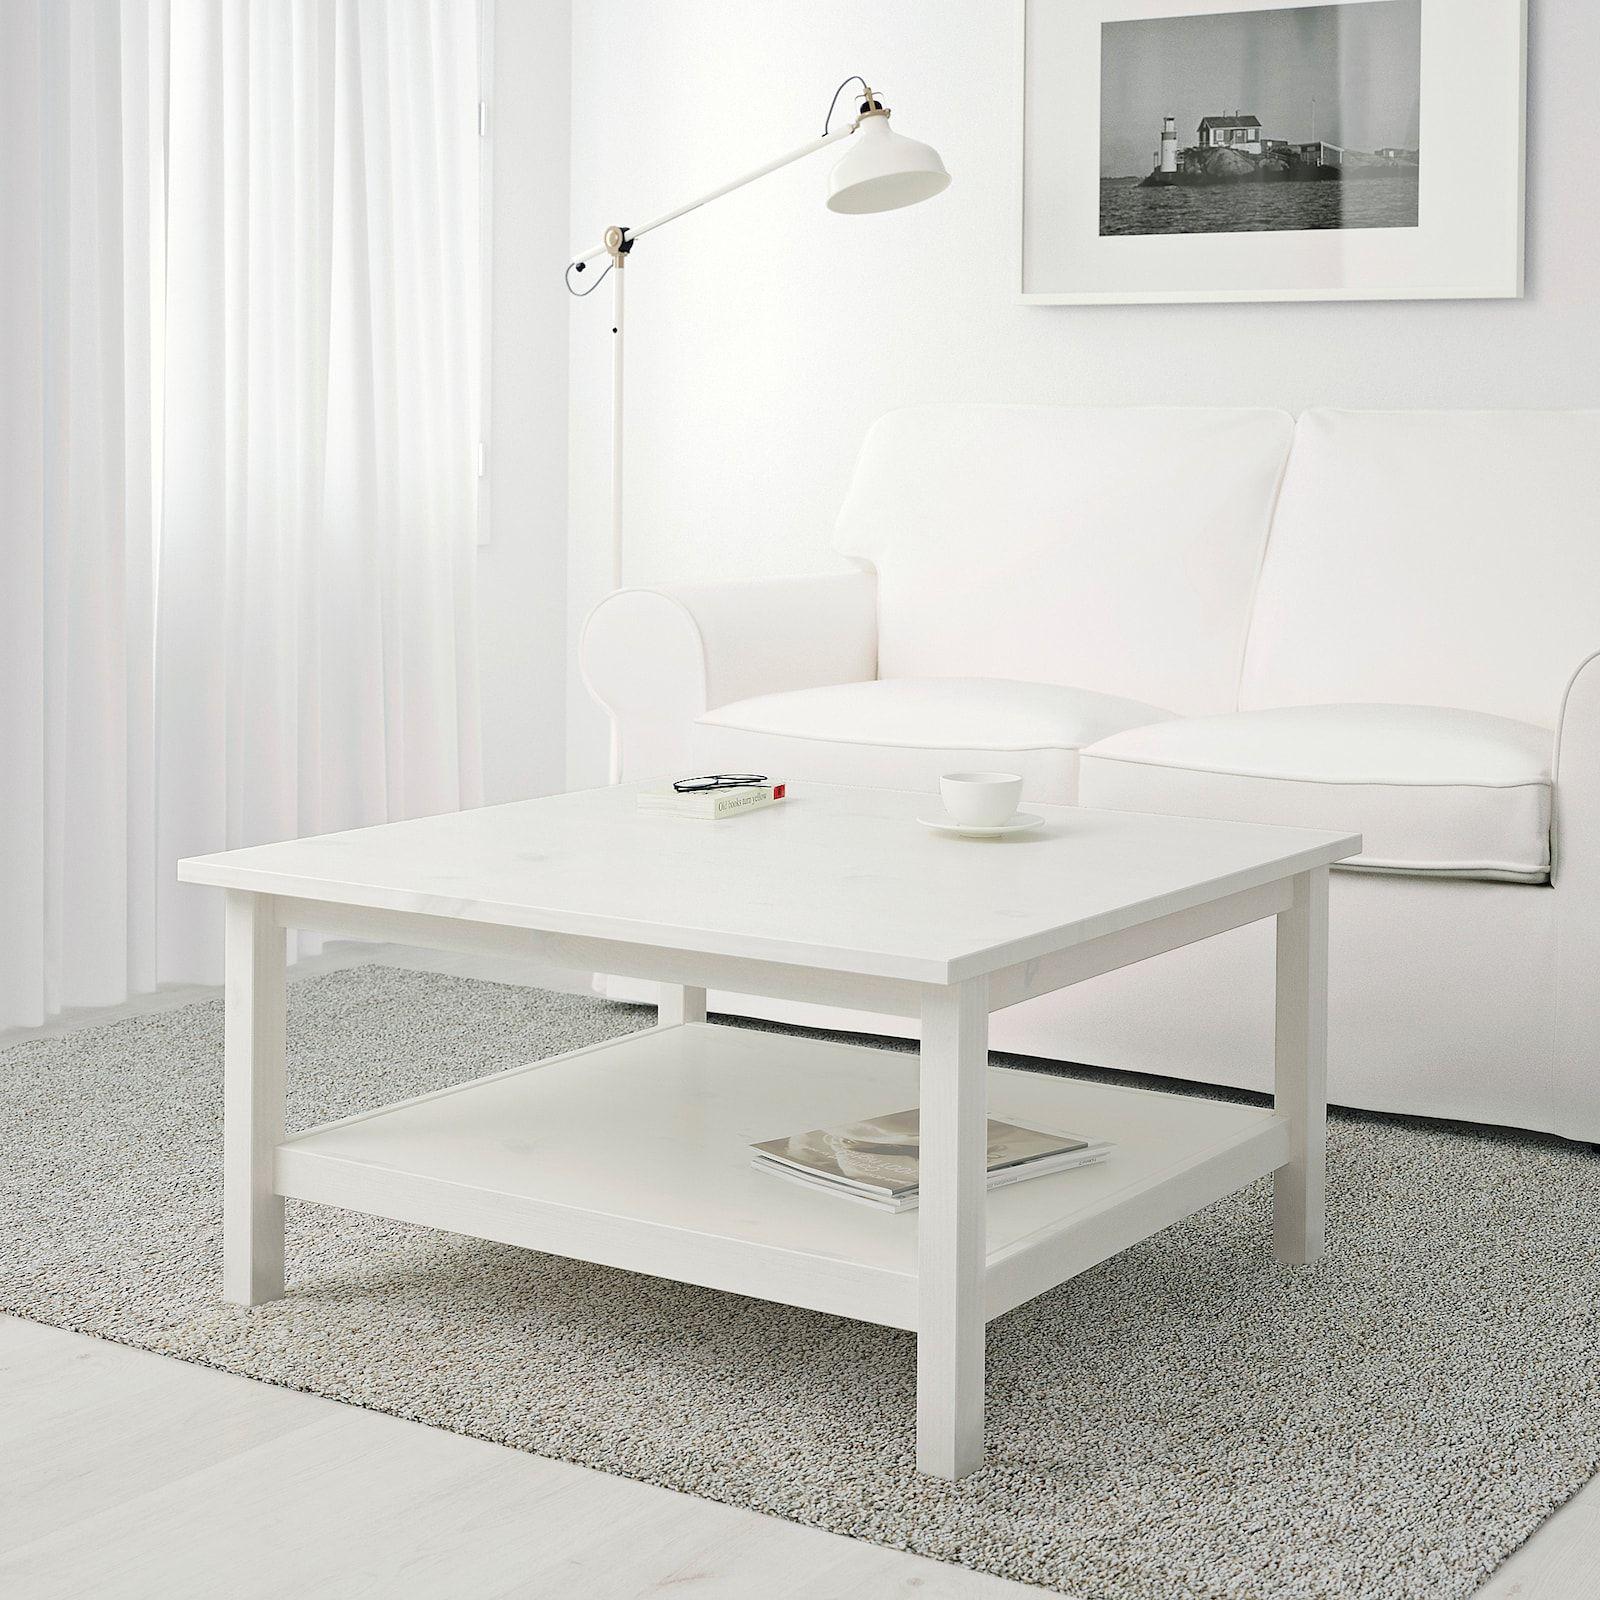 Hemnes White White Stain Coffee Table 90x90 Cm Ikea In 2021 Ikea Hemnes Coffee Table Ikea Coffee Table Coffee Table [ 1600 x 1600 Pixel ]